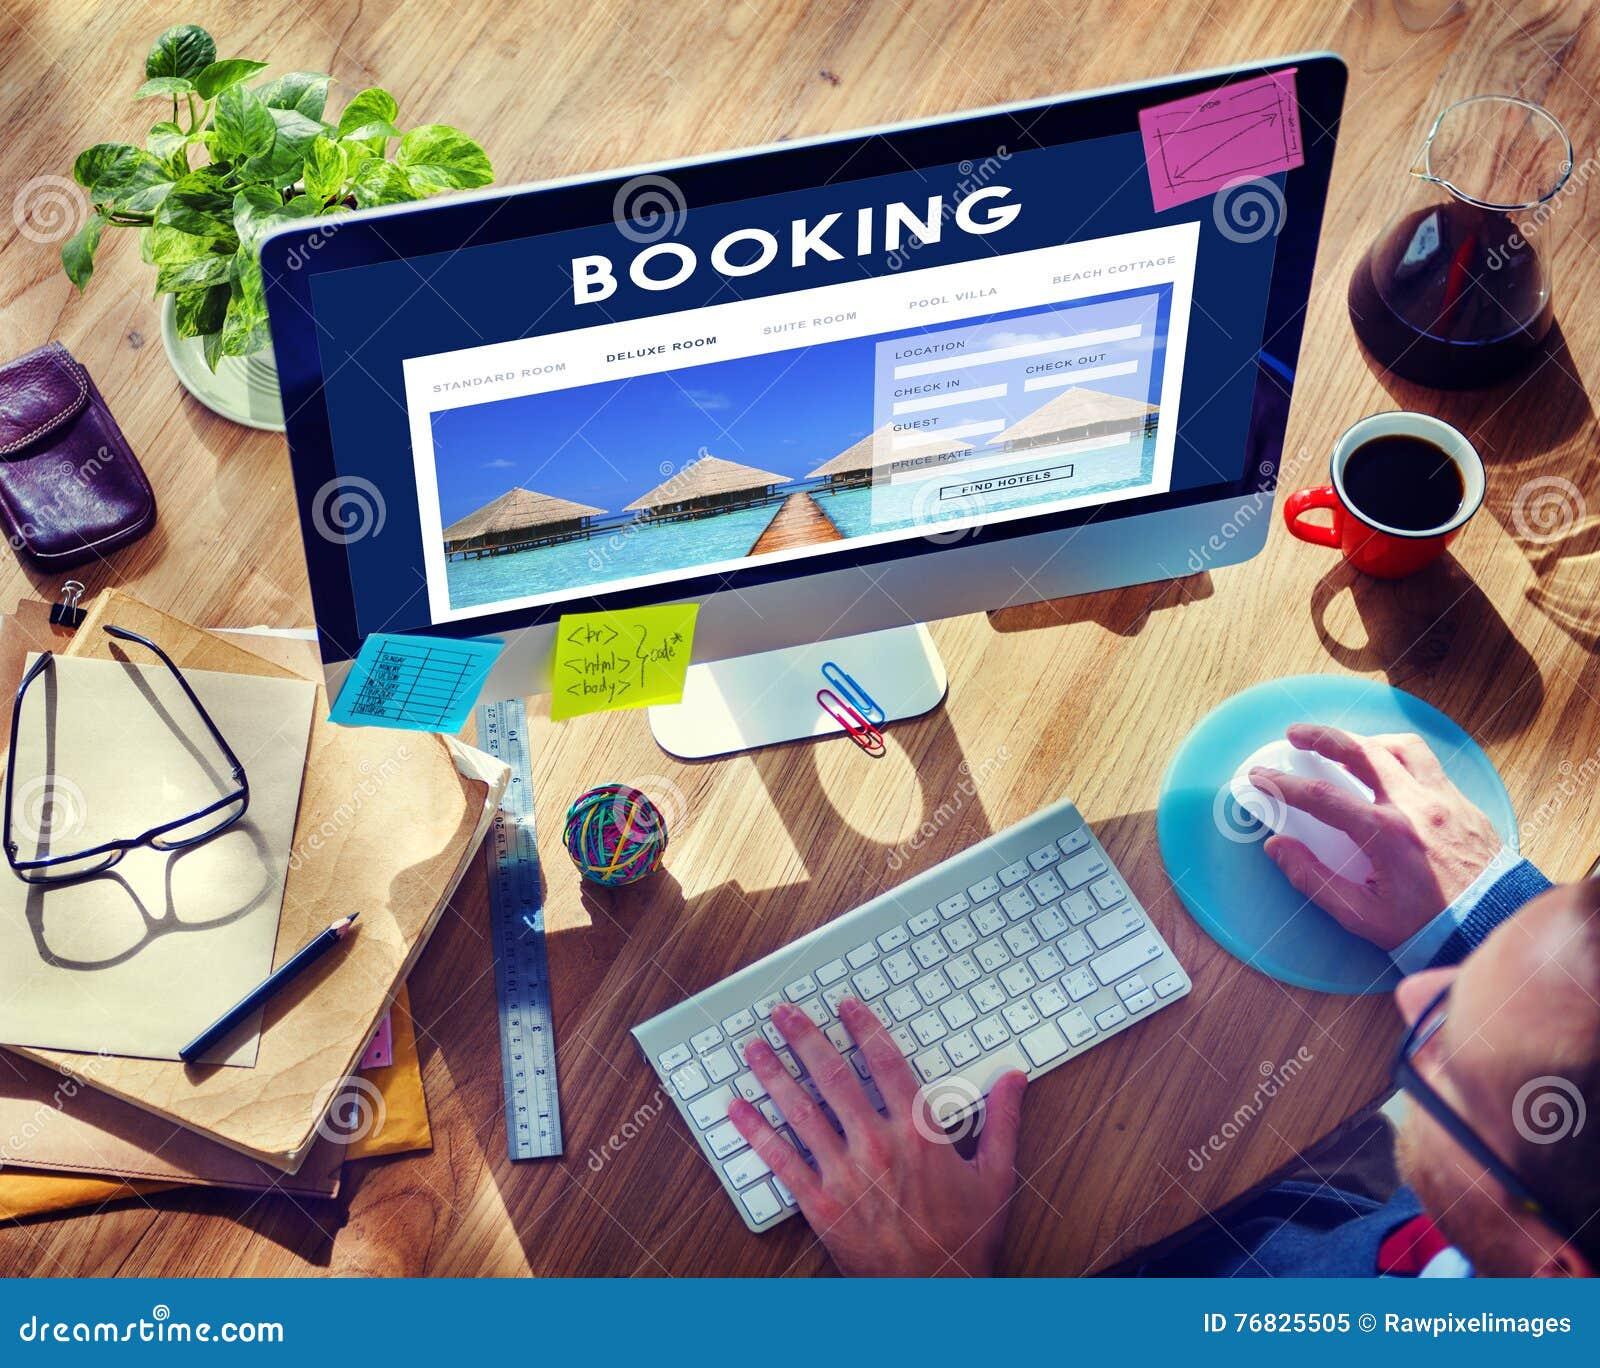 Hotelbuchungs-Reservierungs-Reise-Aufnahme-Konzept